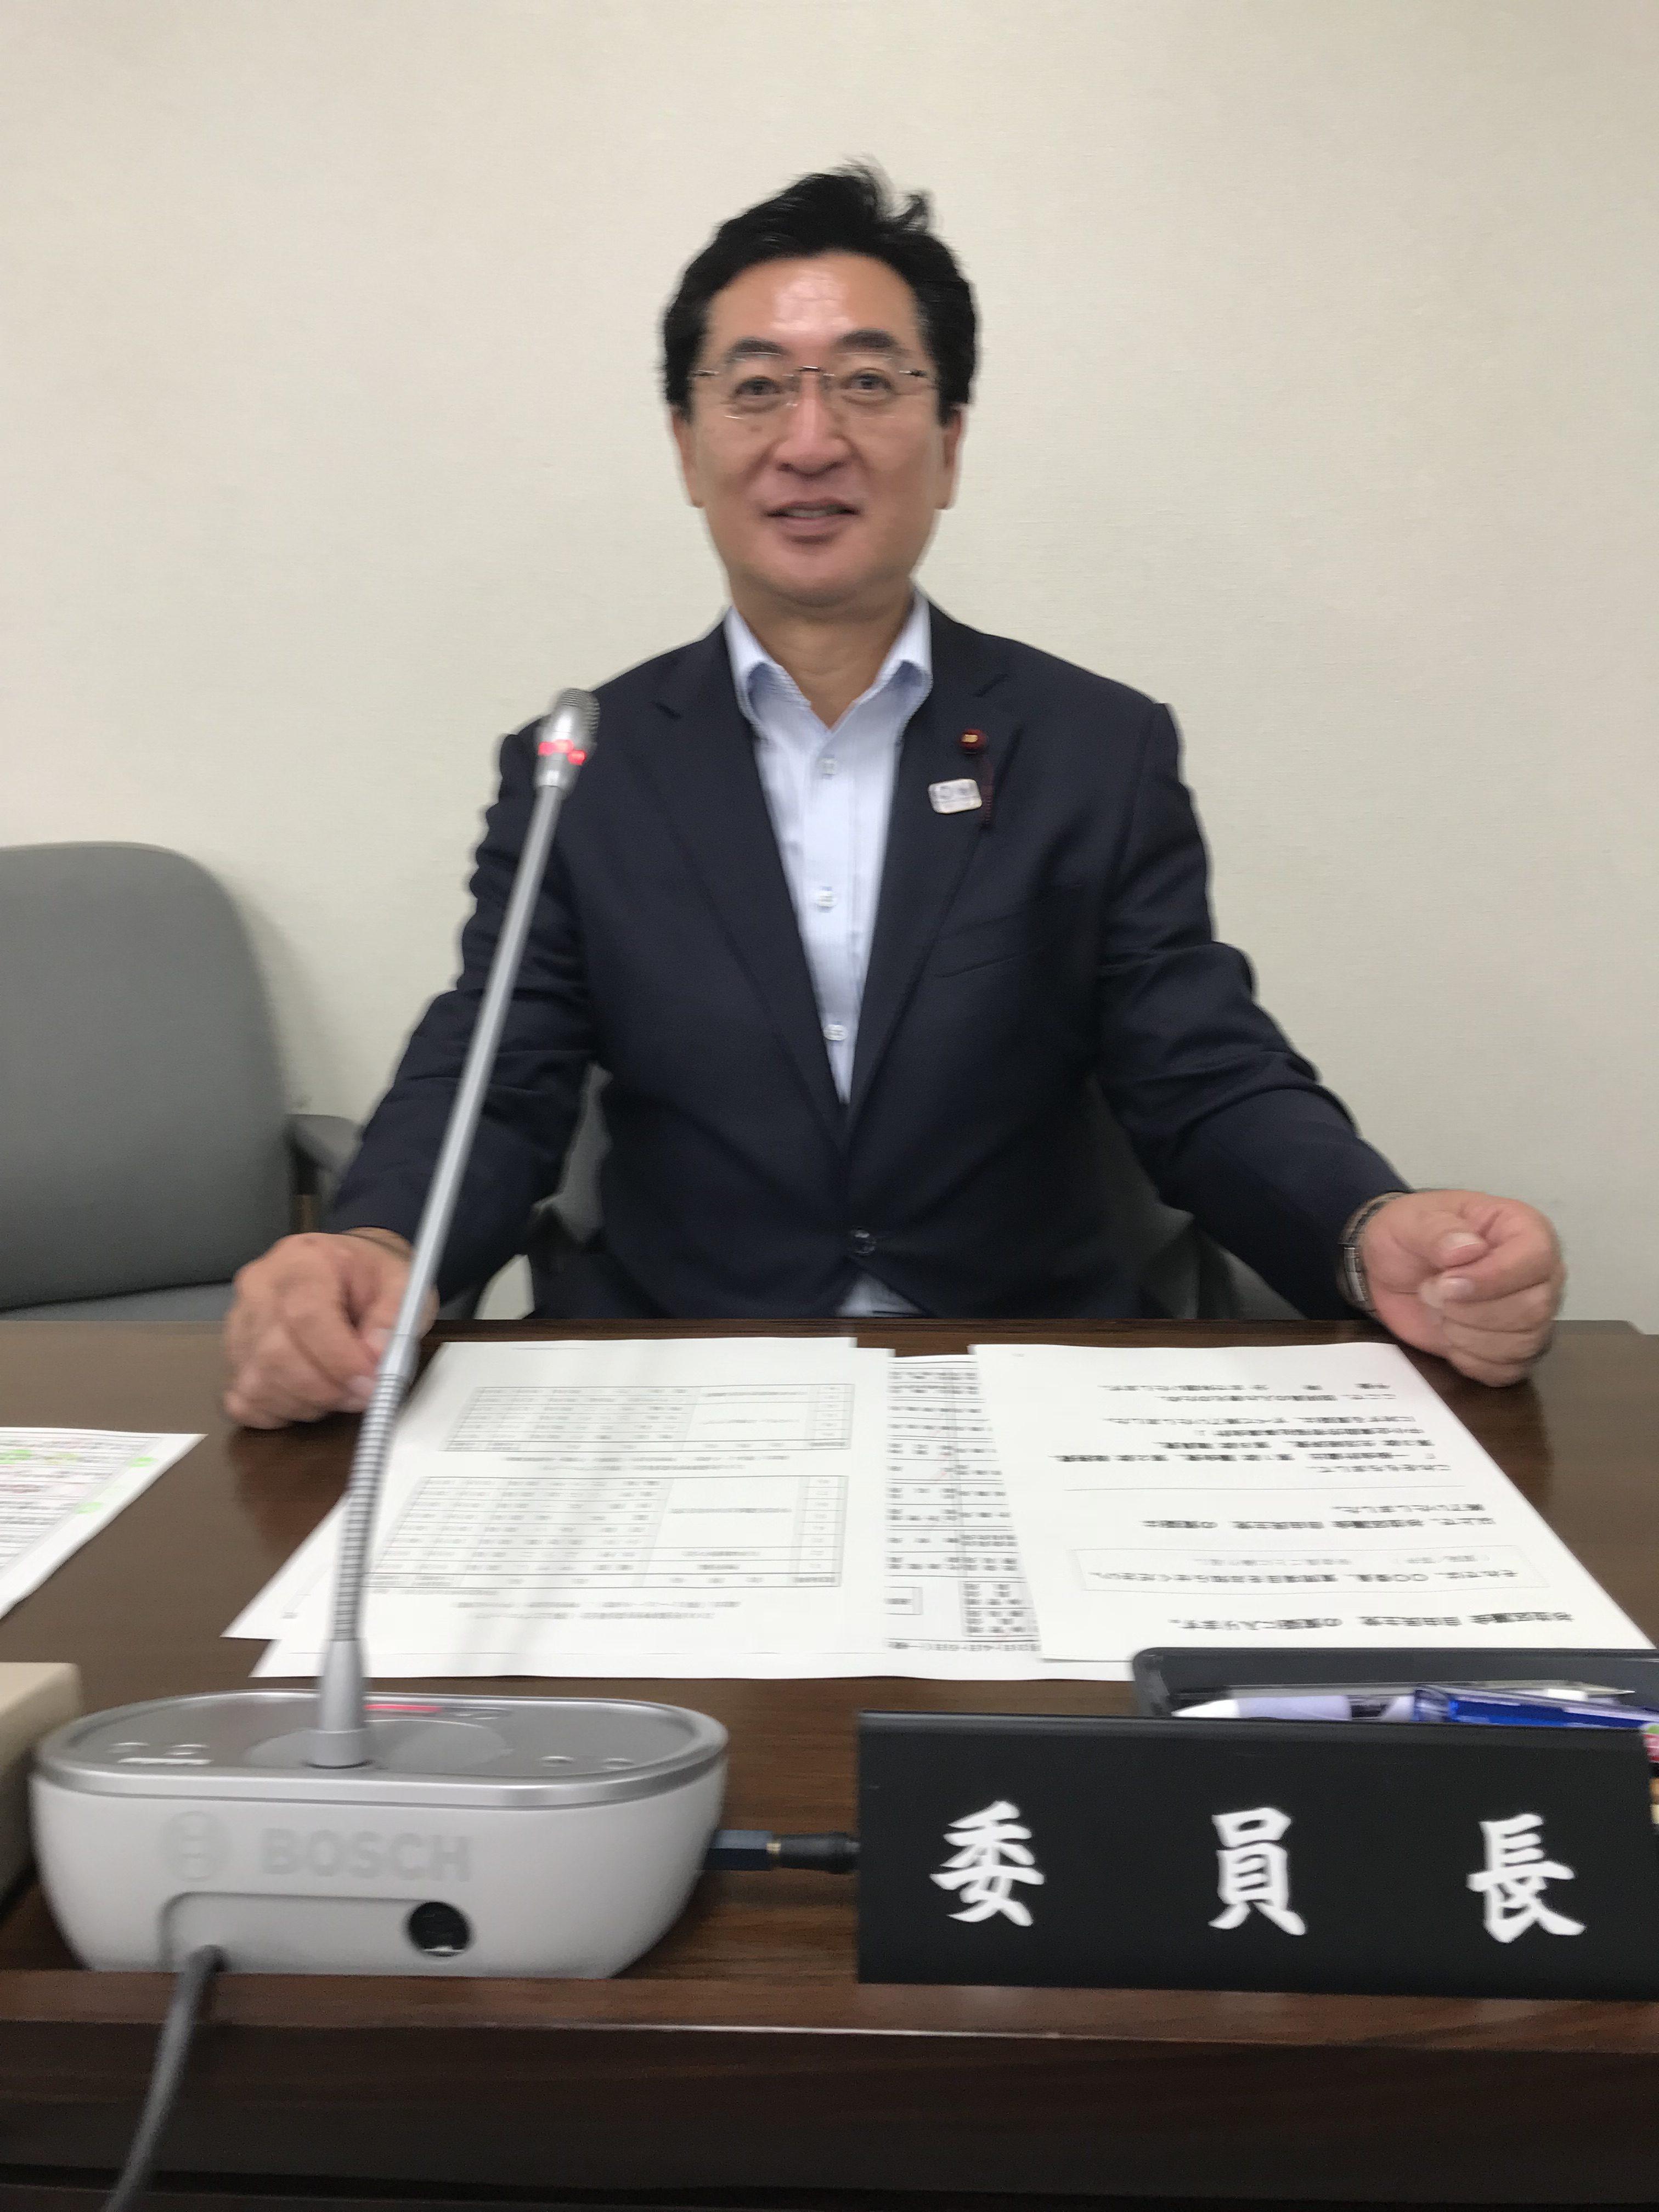 葉梨俊郎(はなし俊郎)決算特別委員会 委員長代行